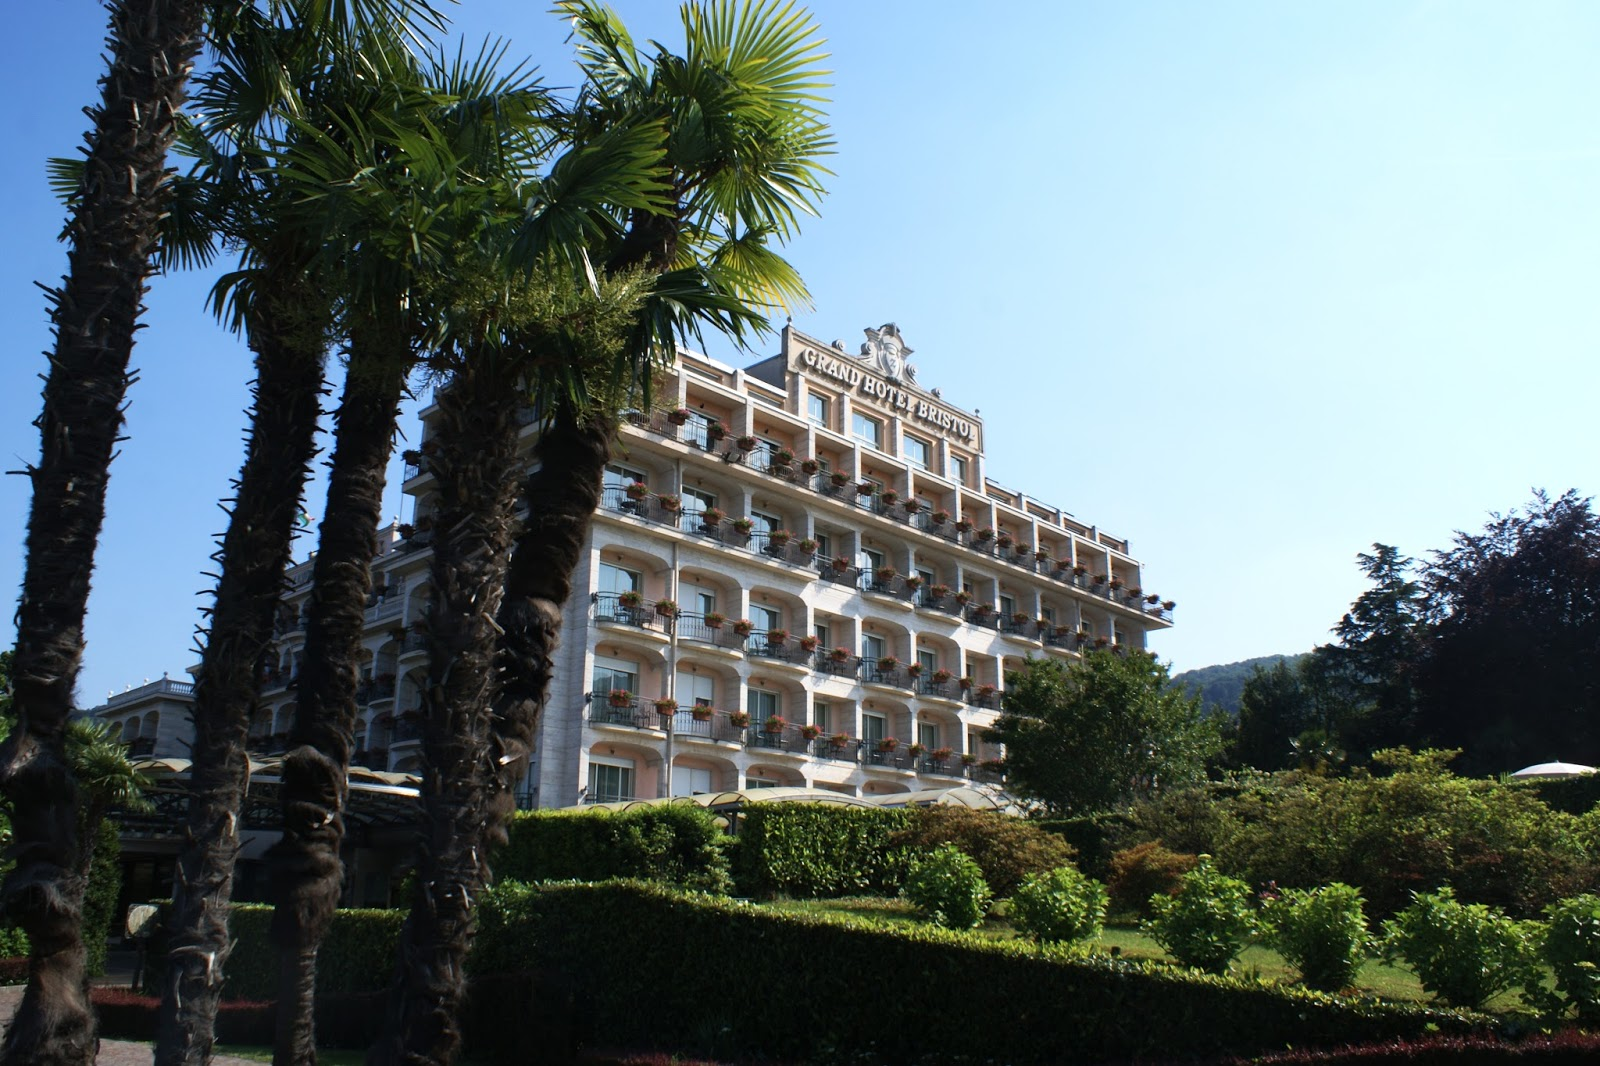 hotel bristol stresa italia italy piemonte lago maggiore